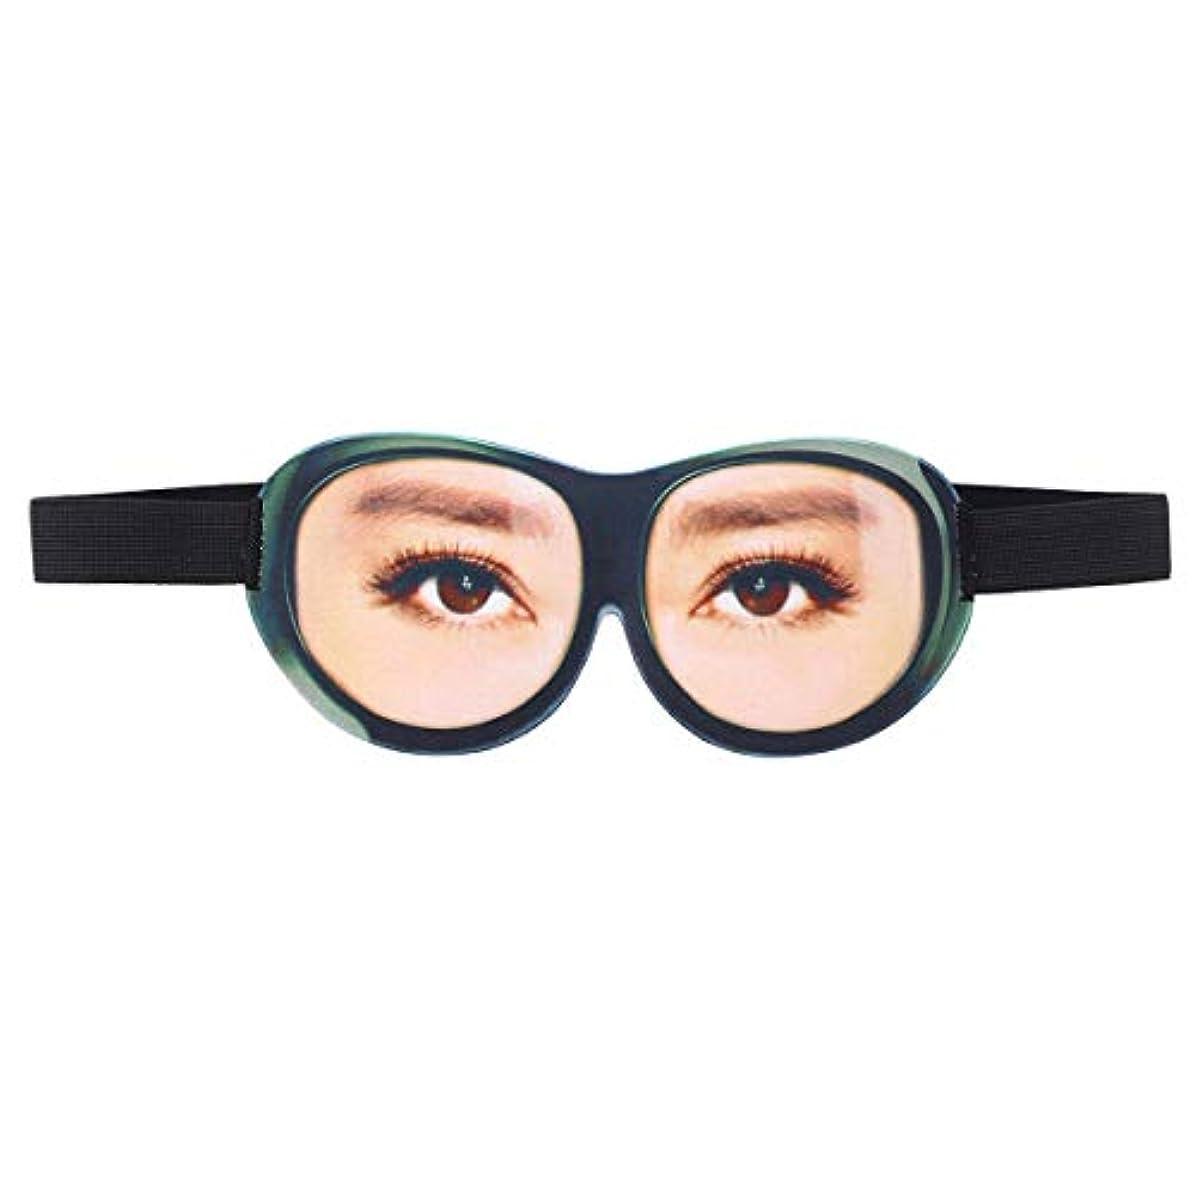 オリエント適合目に見えるHealifty 睡眠目隠し3D面白いアイシェード通気性睡眠マスク旅行睡眠ヘルパーアイシェード用男性と女性